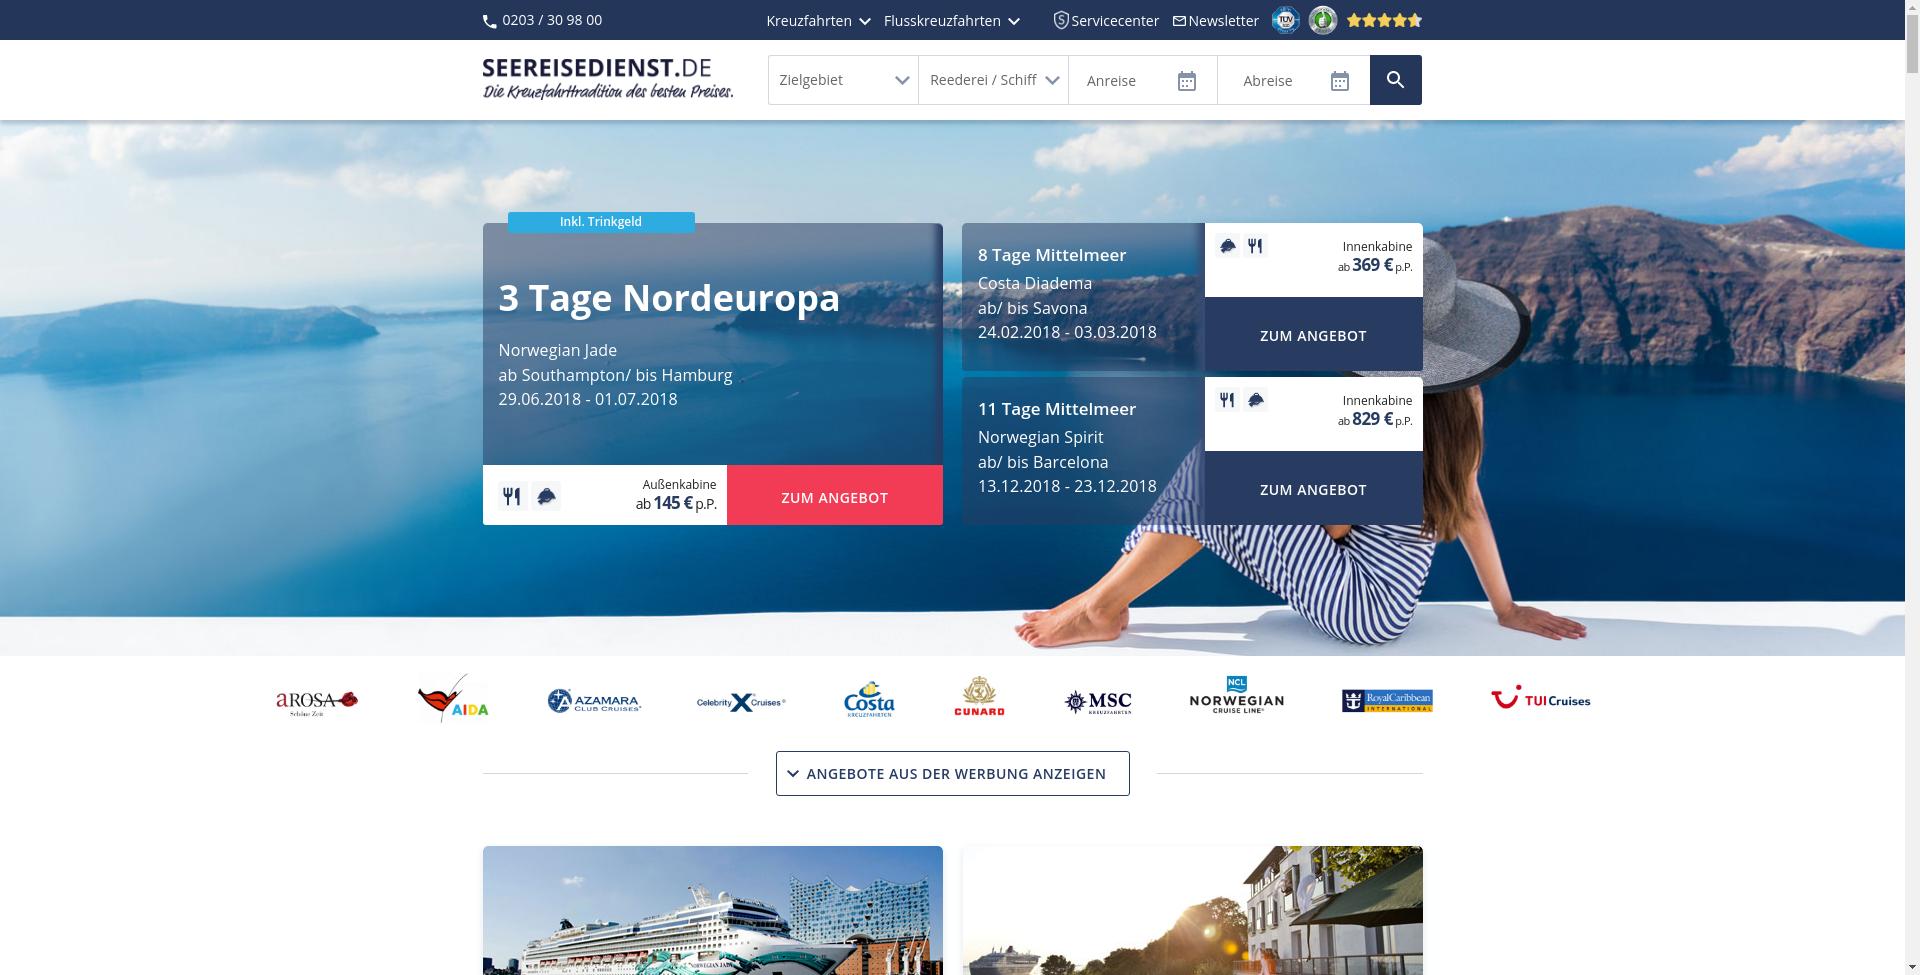 Seereisedienst.de